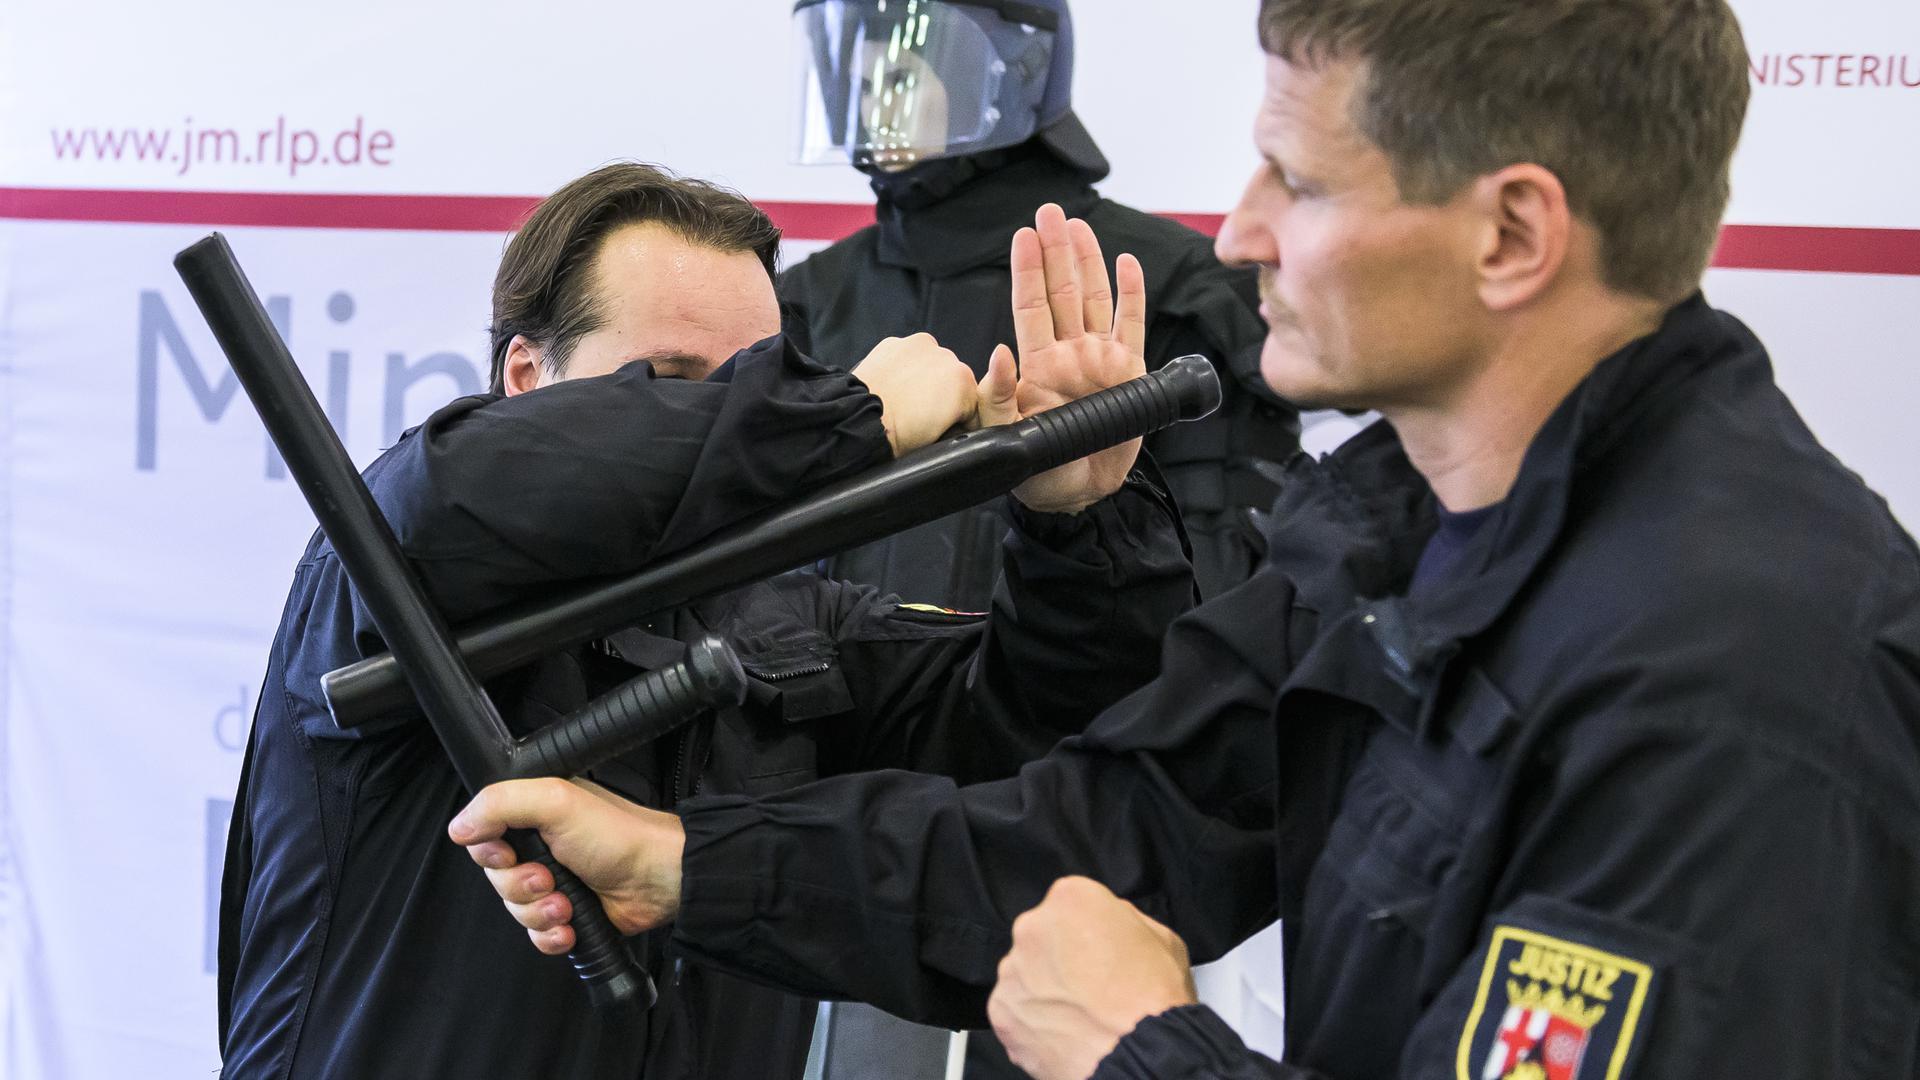 Bei einer Pressekonferenz im Ministerium der Justiz führen zwei Justizvollzugsbeamten John Klein den Einsatz des neuen Einsatzstocks vor.